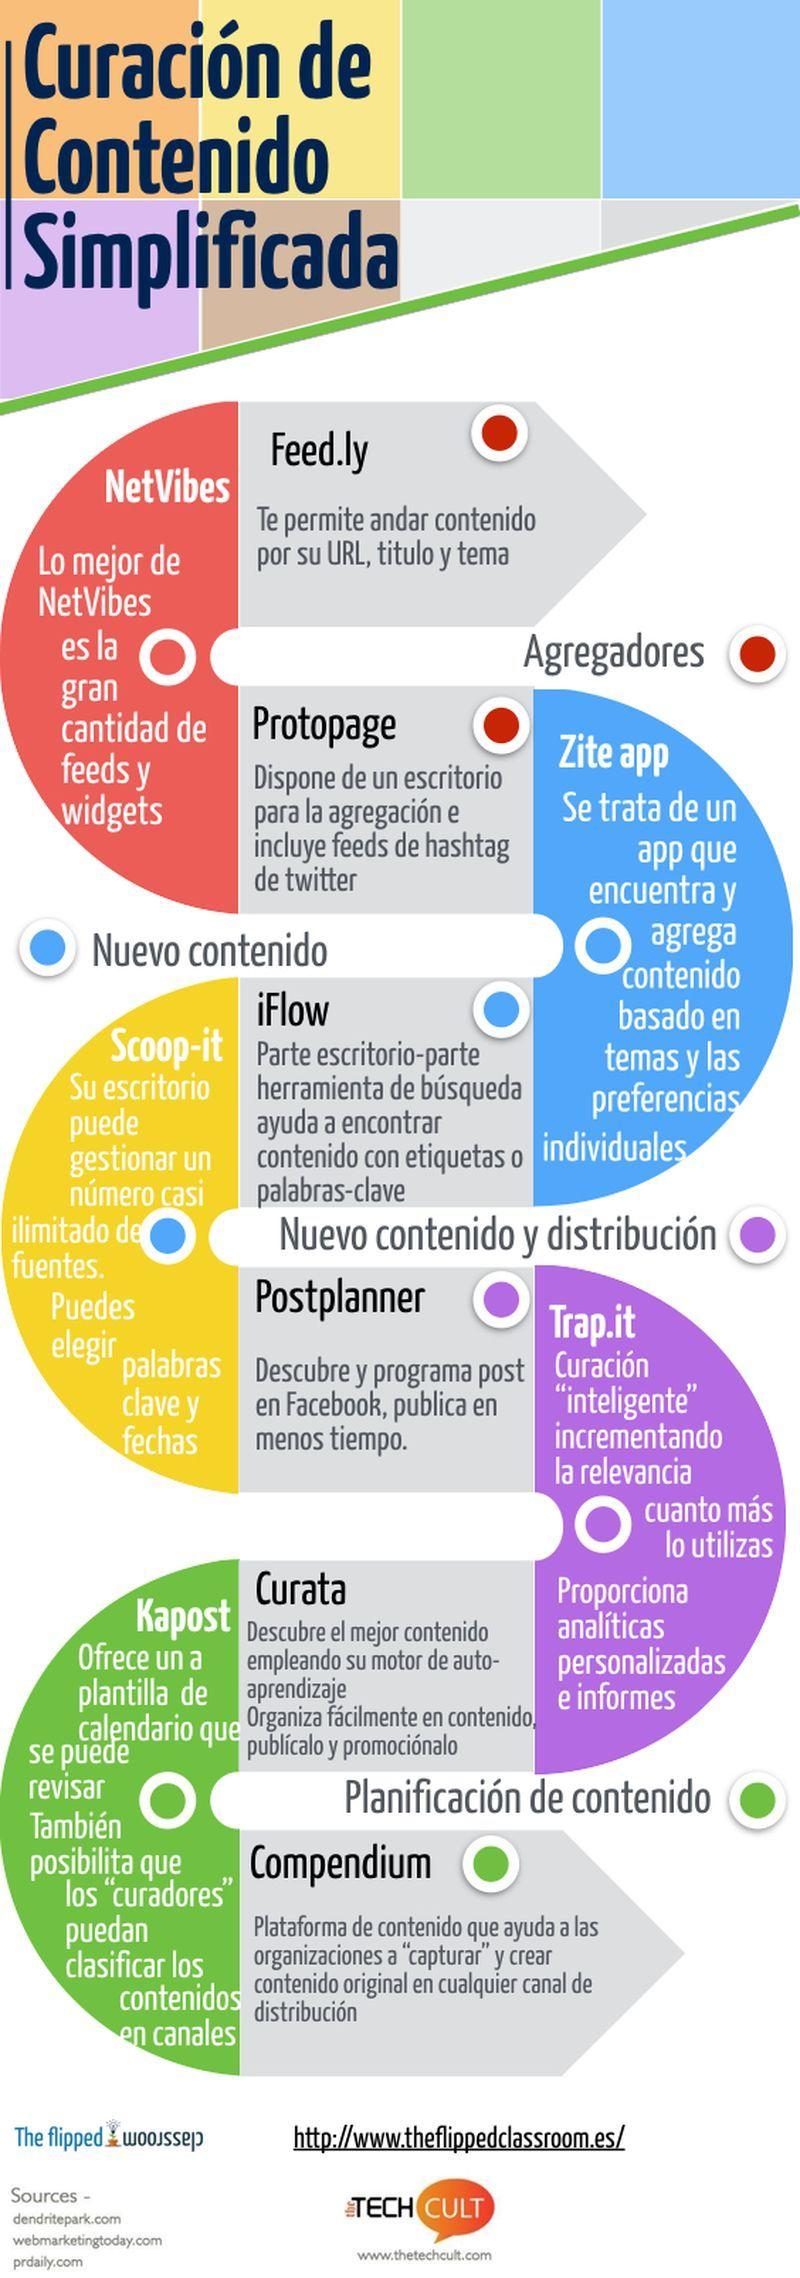 Curación de contenido simplificada. #CommunityManager